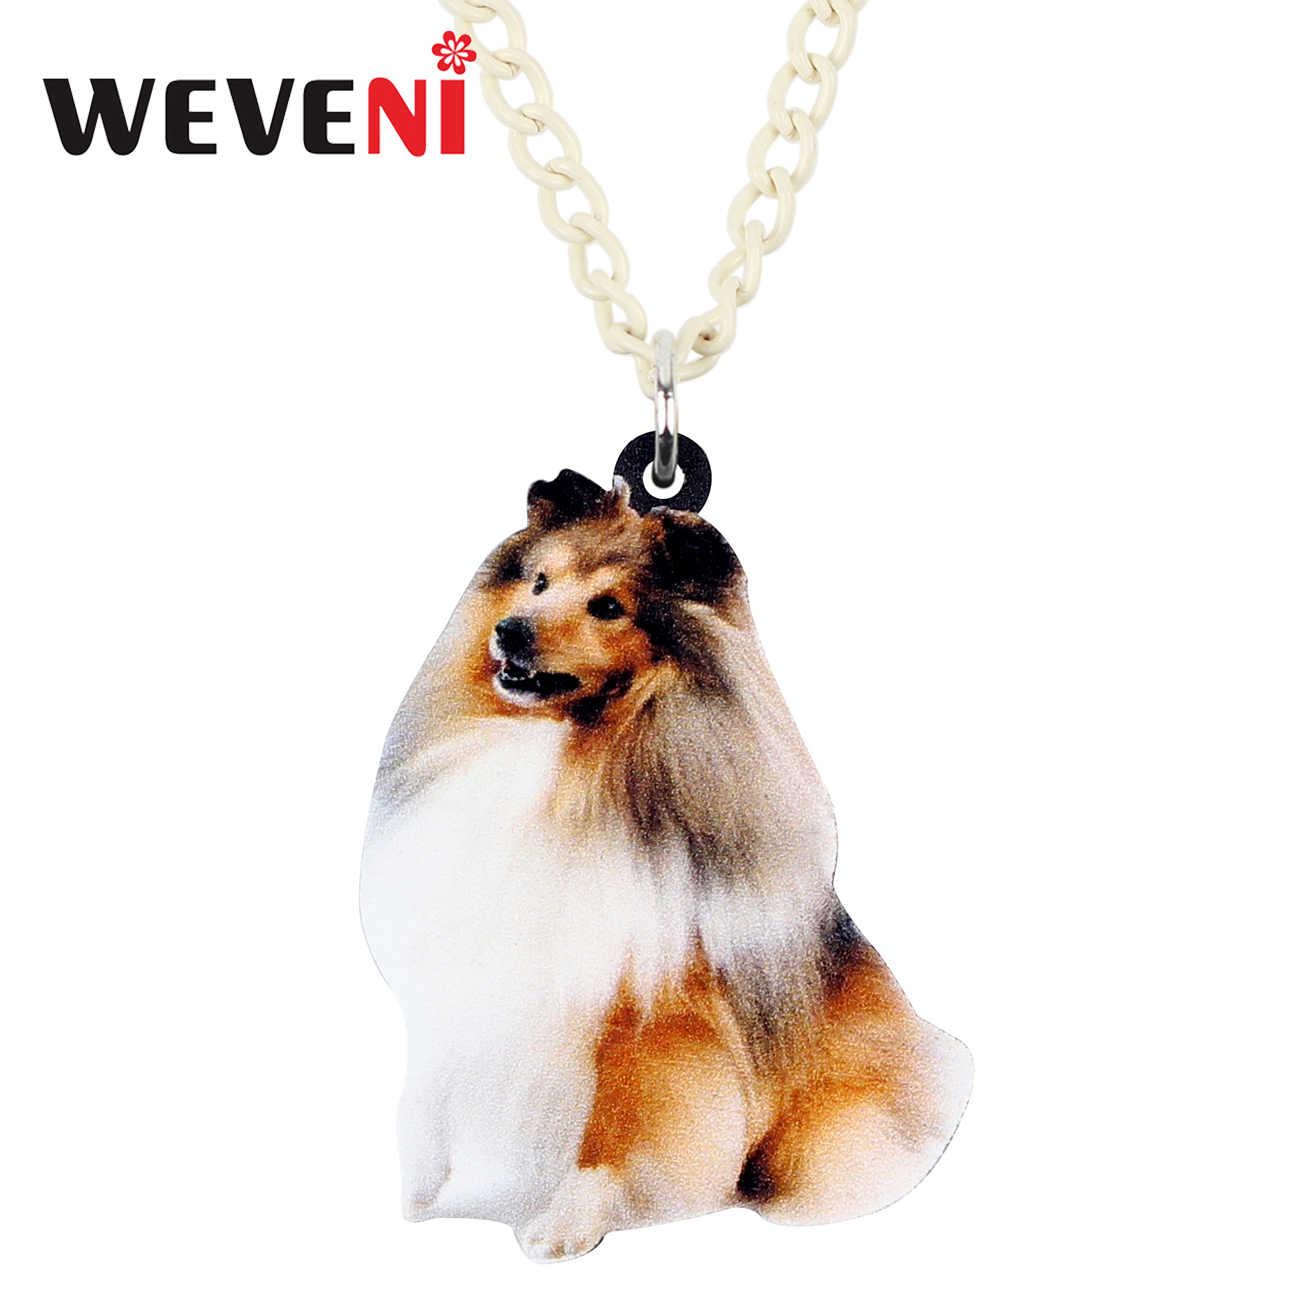 WEVENI acrílico sonrisa áspera Collie Sheltie perro COLLAR COLGANTE suéter cadena gargantilla Animal joyería para mujer chica regalo al por mayor